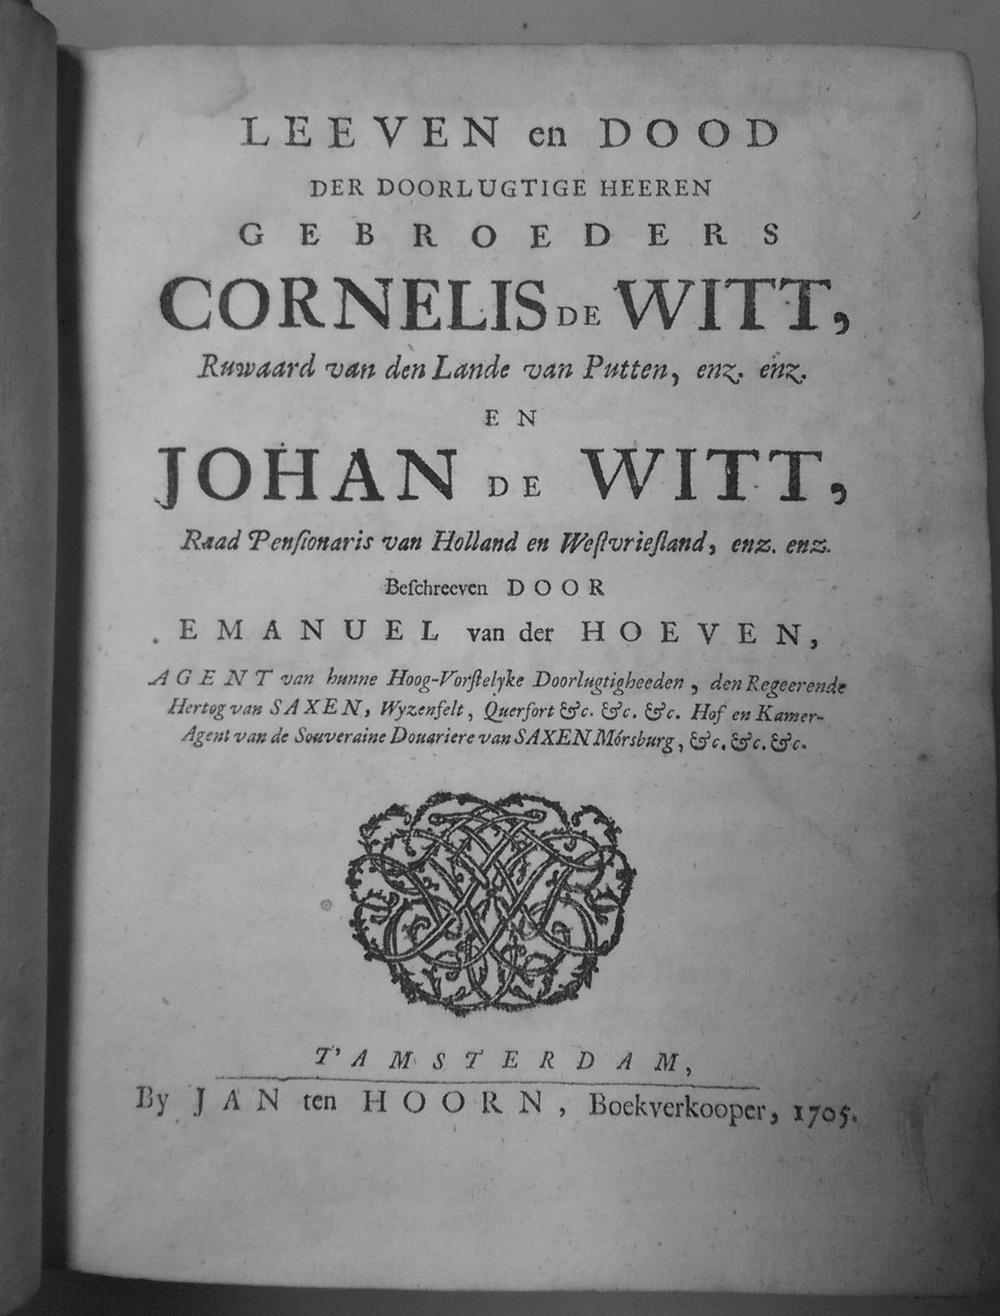 Leeven en dood van Cornelis de Witt en Johan de Witt - Hoevens ...